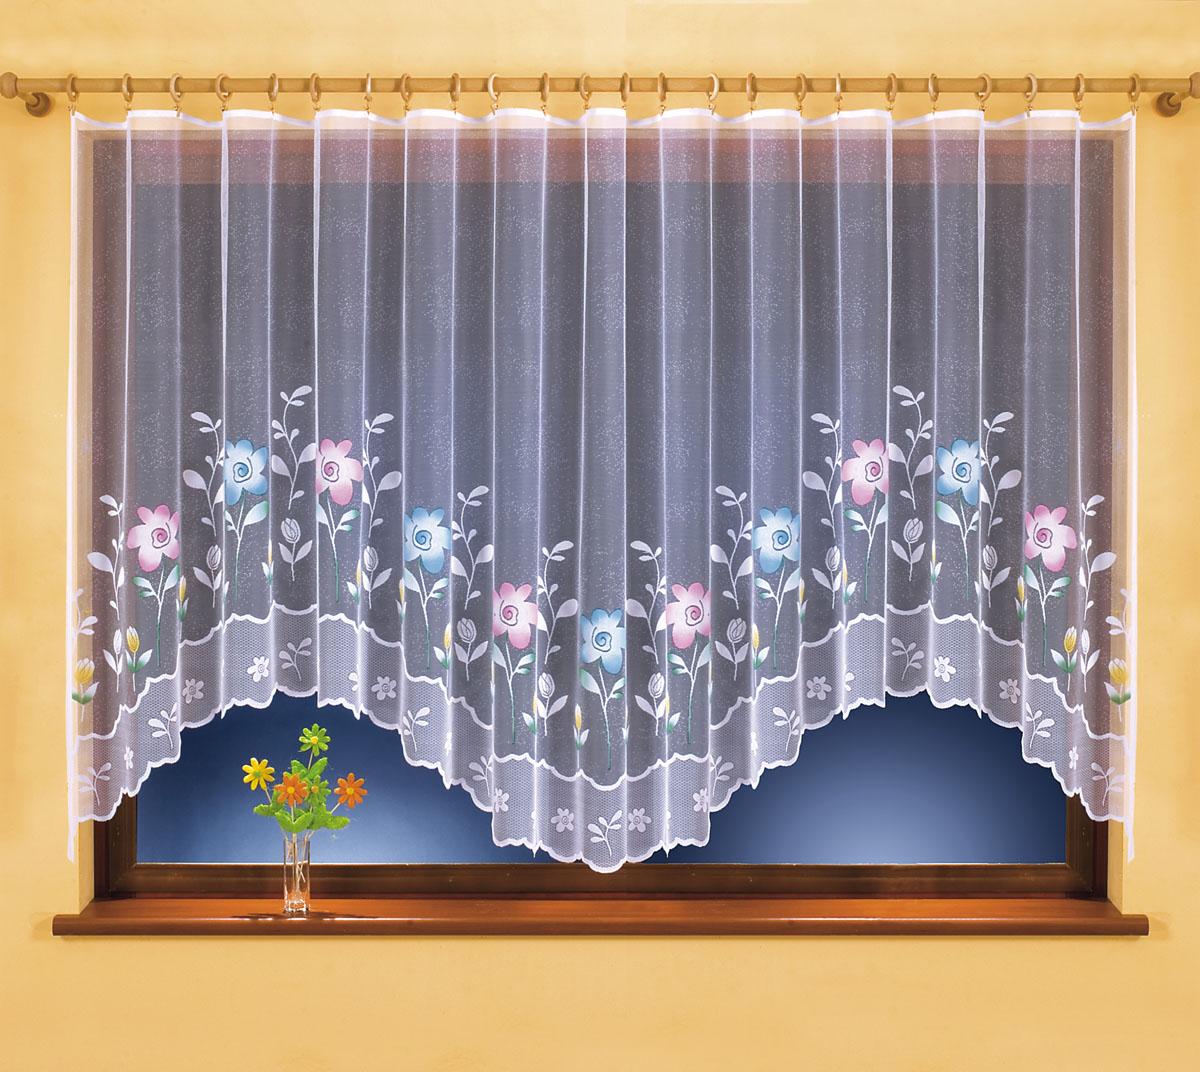 Гардина Martina, на ленте, цвет: белый, высота 150 см630776Воздушная гардина Martina, изготовленная из полиэстера белого цвета, станет великолепным украшением любого окна. Оригинальный дизайн и красочный цветочный рисунок привлекут к себе внимание и органично впишутся в интерьер комнаты. В гардину вшита шторная лента для собирания в сборки. Характеристики: Материал: 100% полиэстер. Размер упаковки: 27 см х 34 см х 2,5 см. Артикул: 630776. В комплект входит: Гардина - 1 шт. Размер (Ш х В): 400 см х 150 см. Фирма Wisan на польском рынке существует уже более пятидесяти лет и является одной из лучших польских фабрик по производству штор и тканей. Ассортимент фирмы представлен готовыми комплектами штор для гостиной, детской, кухни, а также текстилем для кухни (скатерти, салфетки, дорожки, кухонные занавески). Модельный ряд отличает оригинальный дизайн, высокое качество. Ассортимент продукции постоянно пополняется.